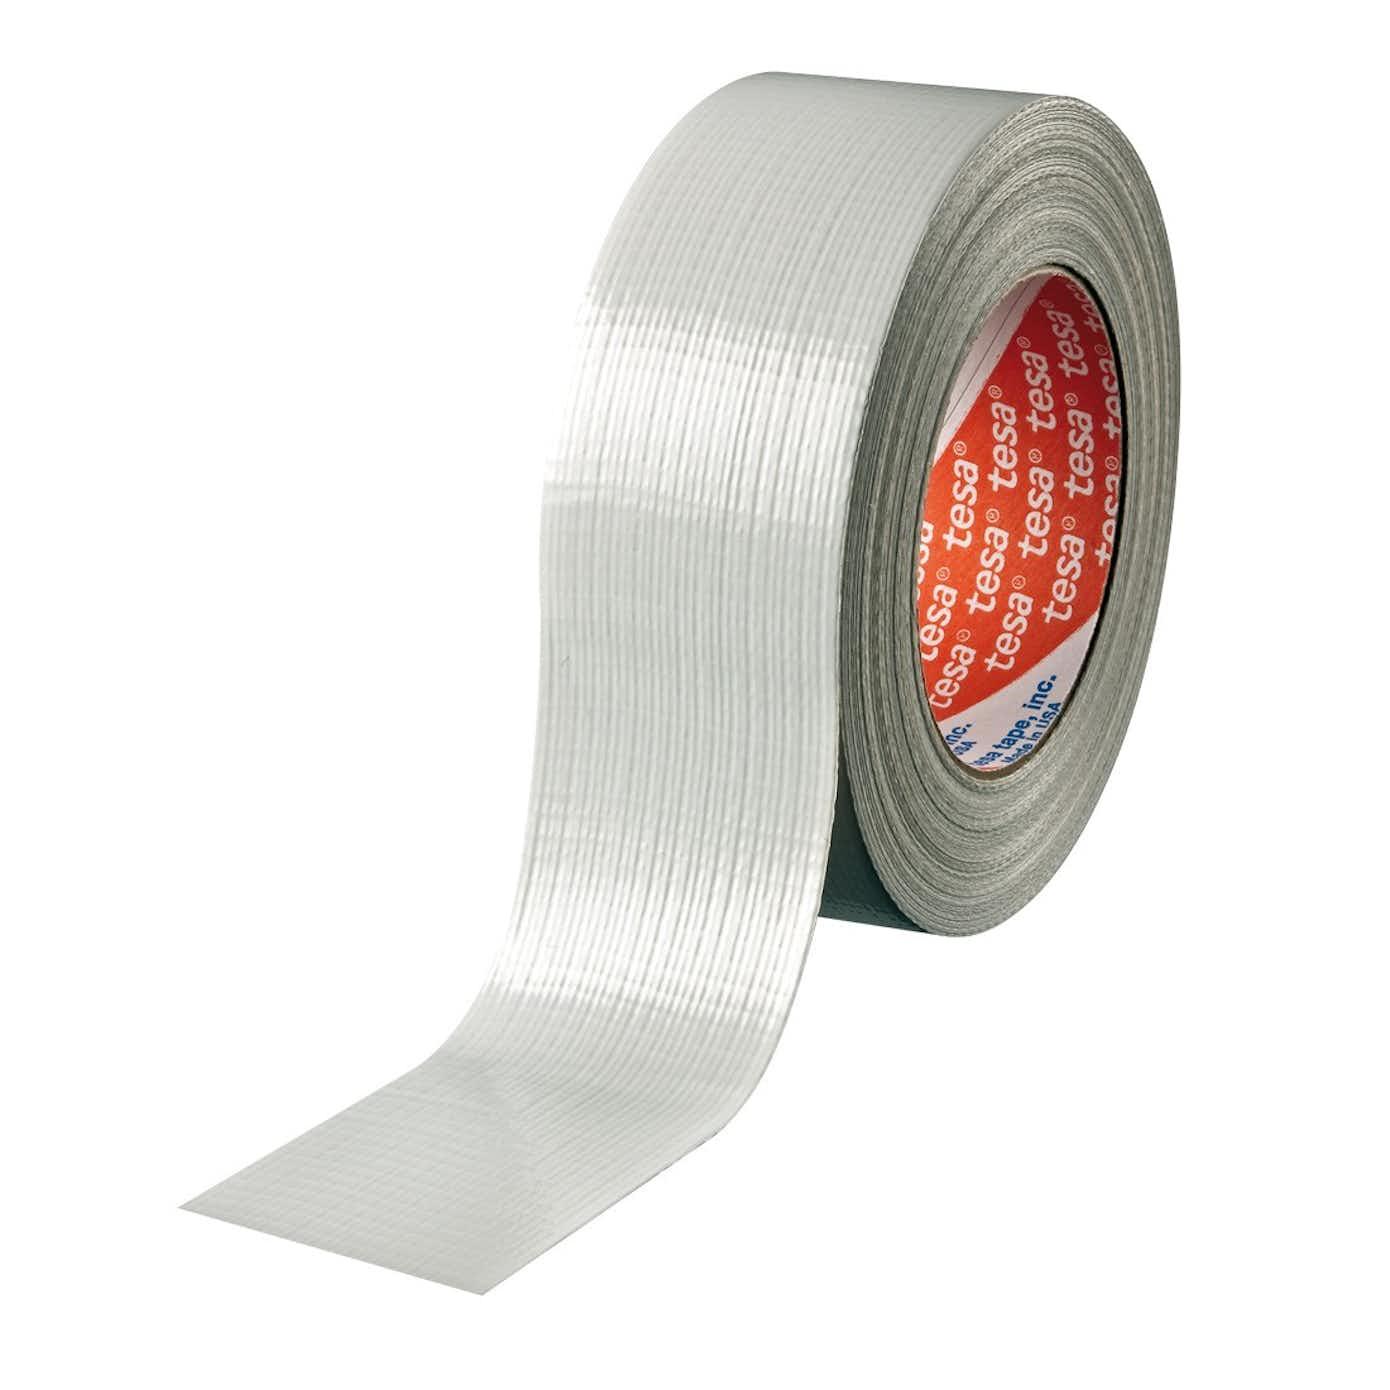 TESA 4613 Gaffa Tape Hvid 50 m